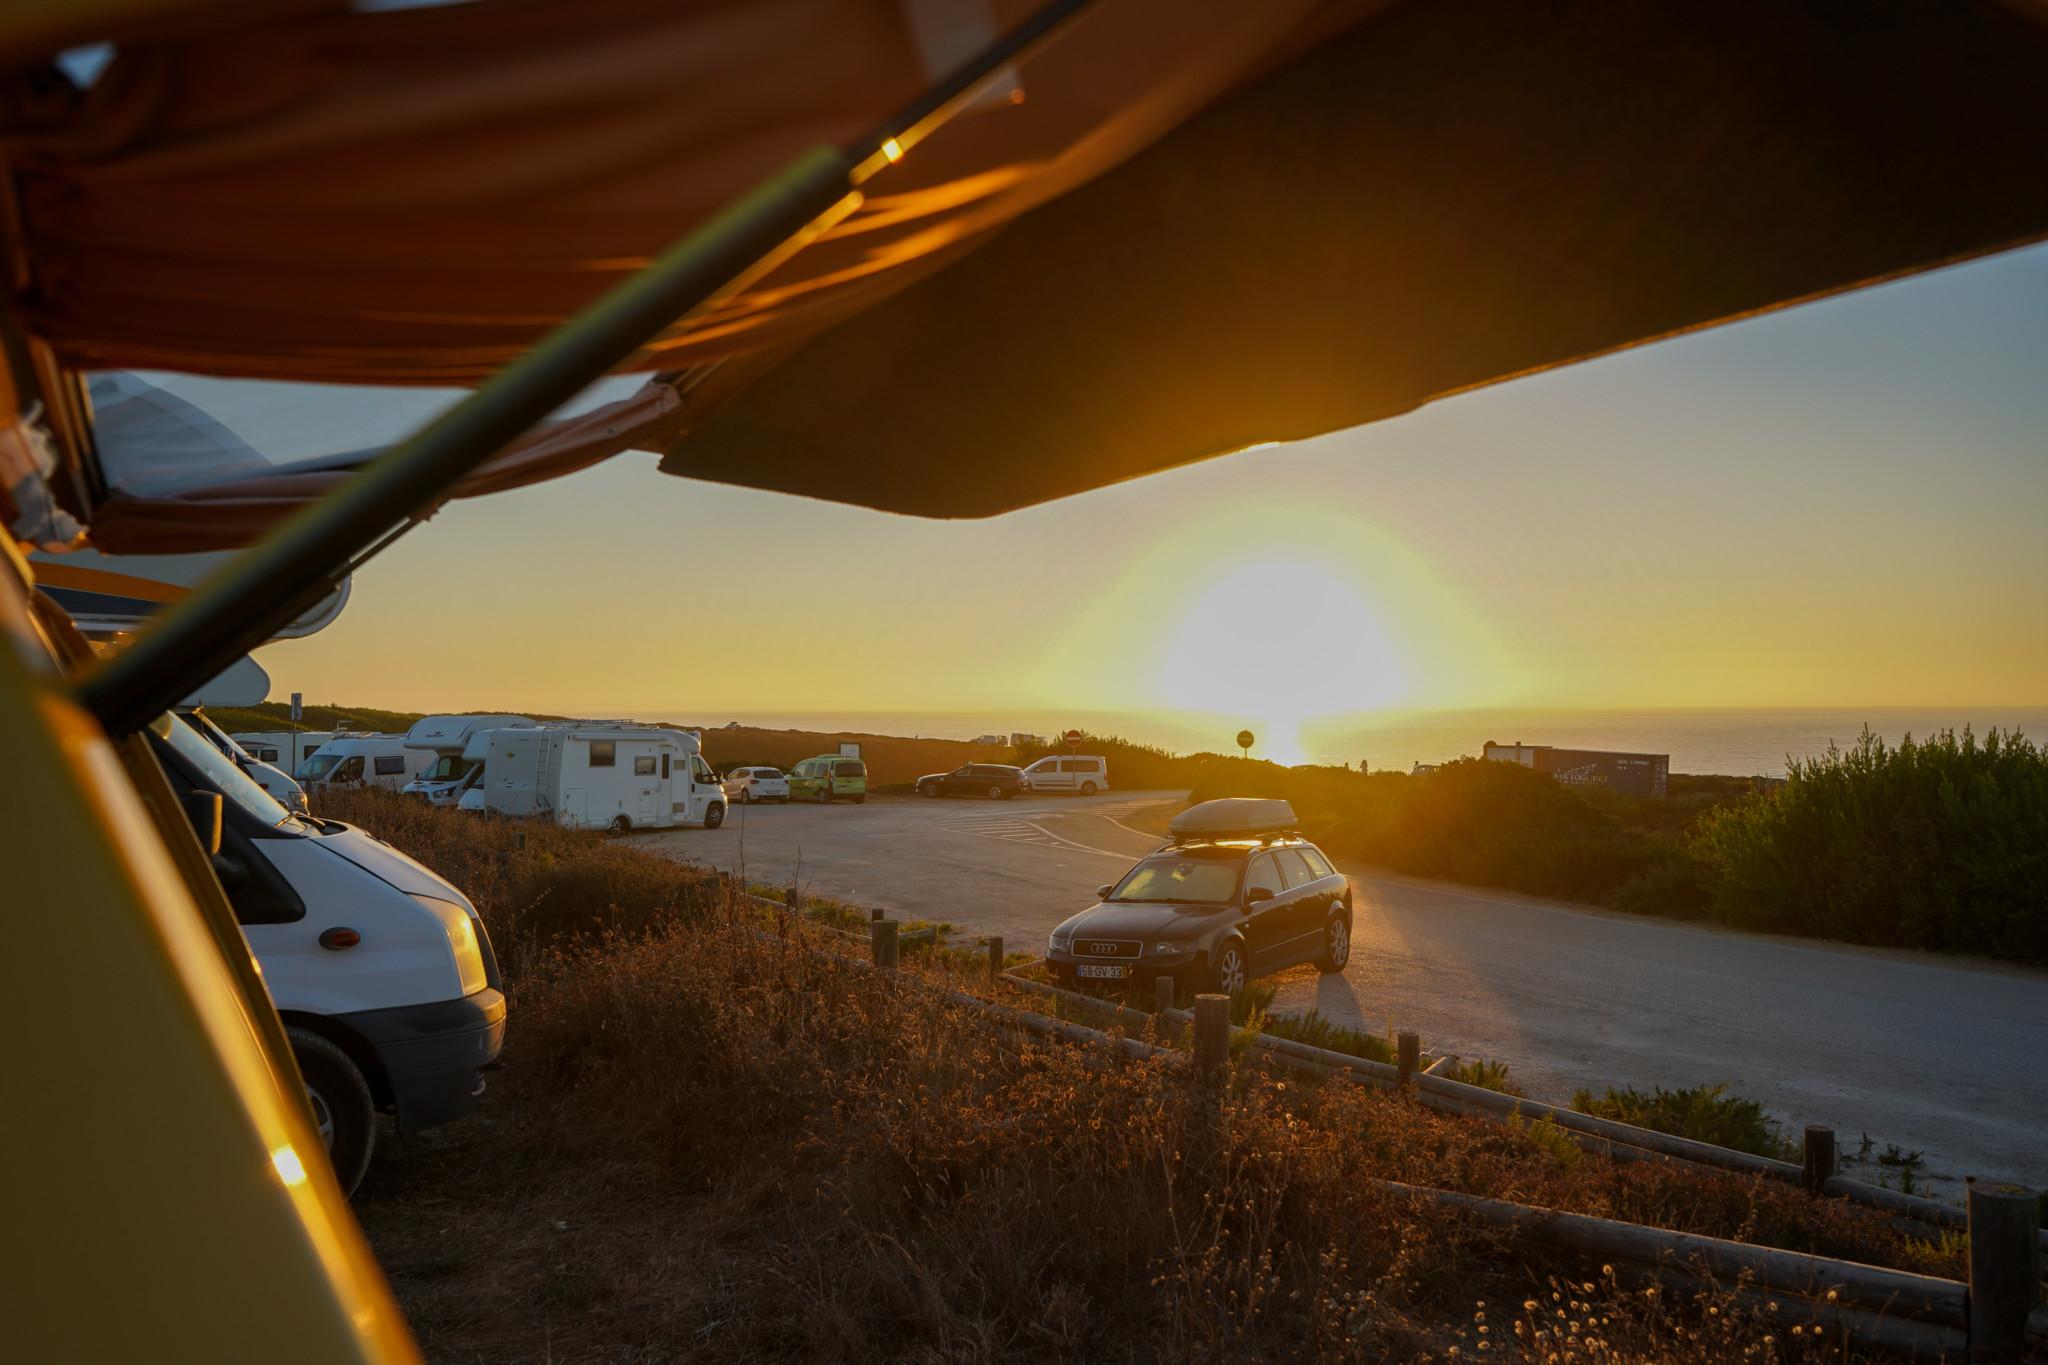 Sonnenuntergang auf einem Roadtrip in Portugal